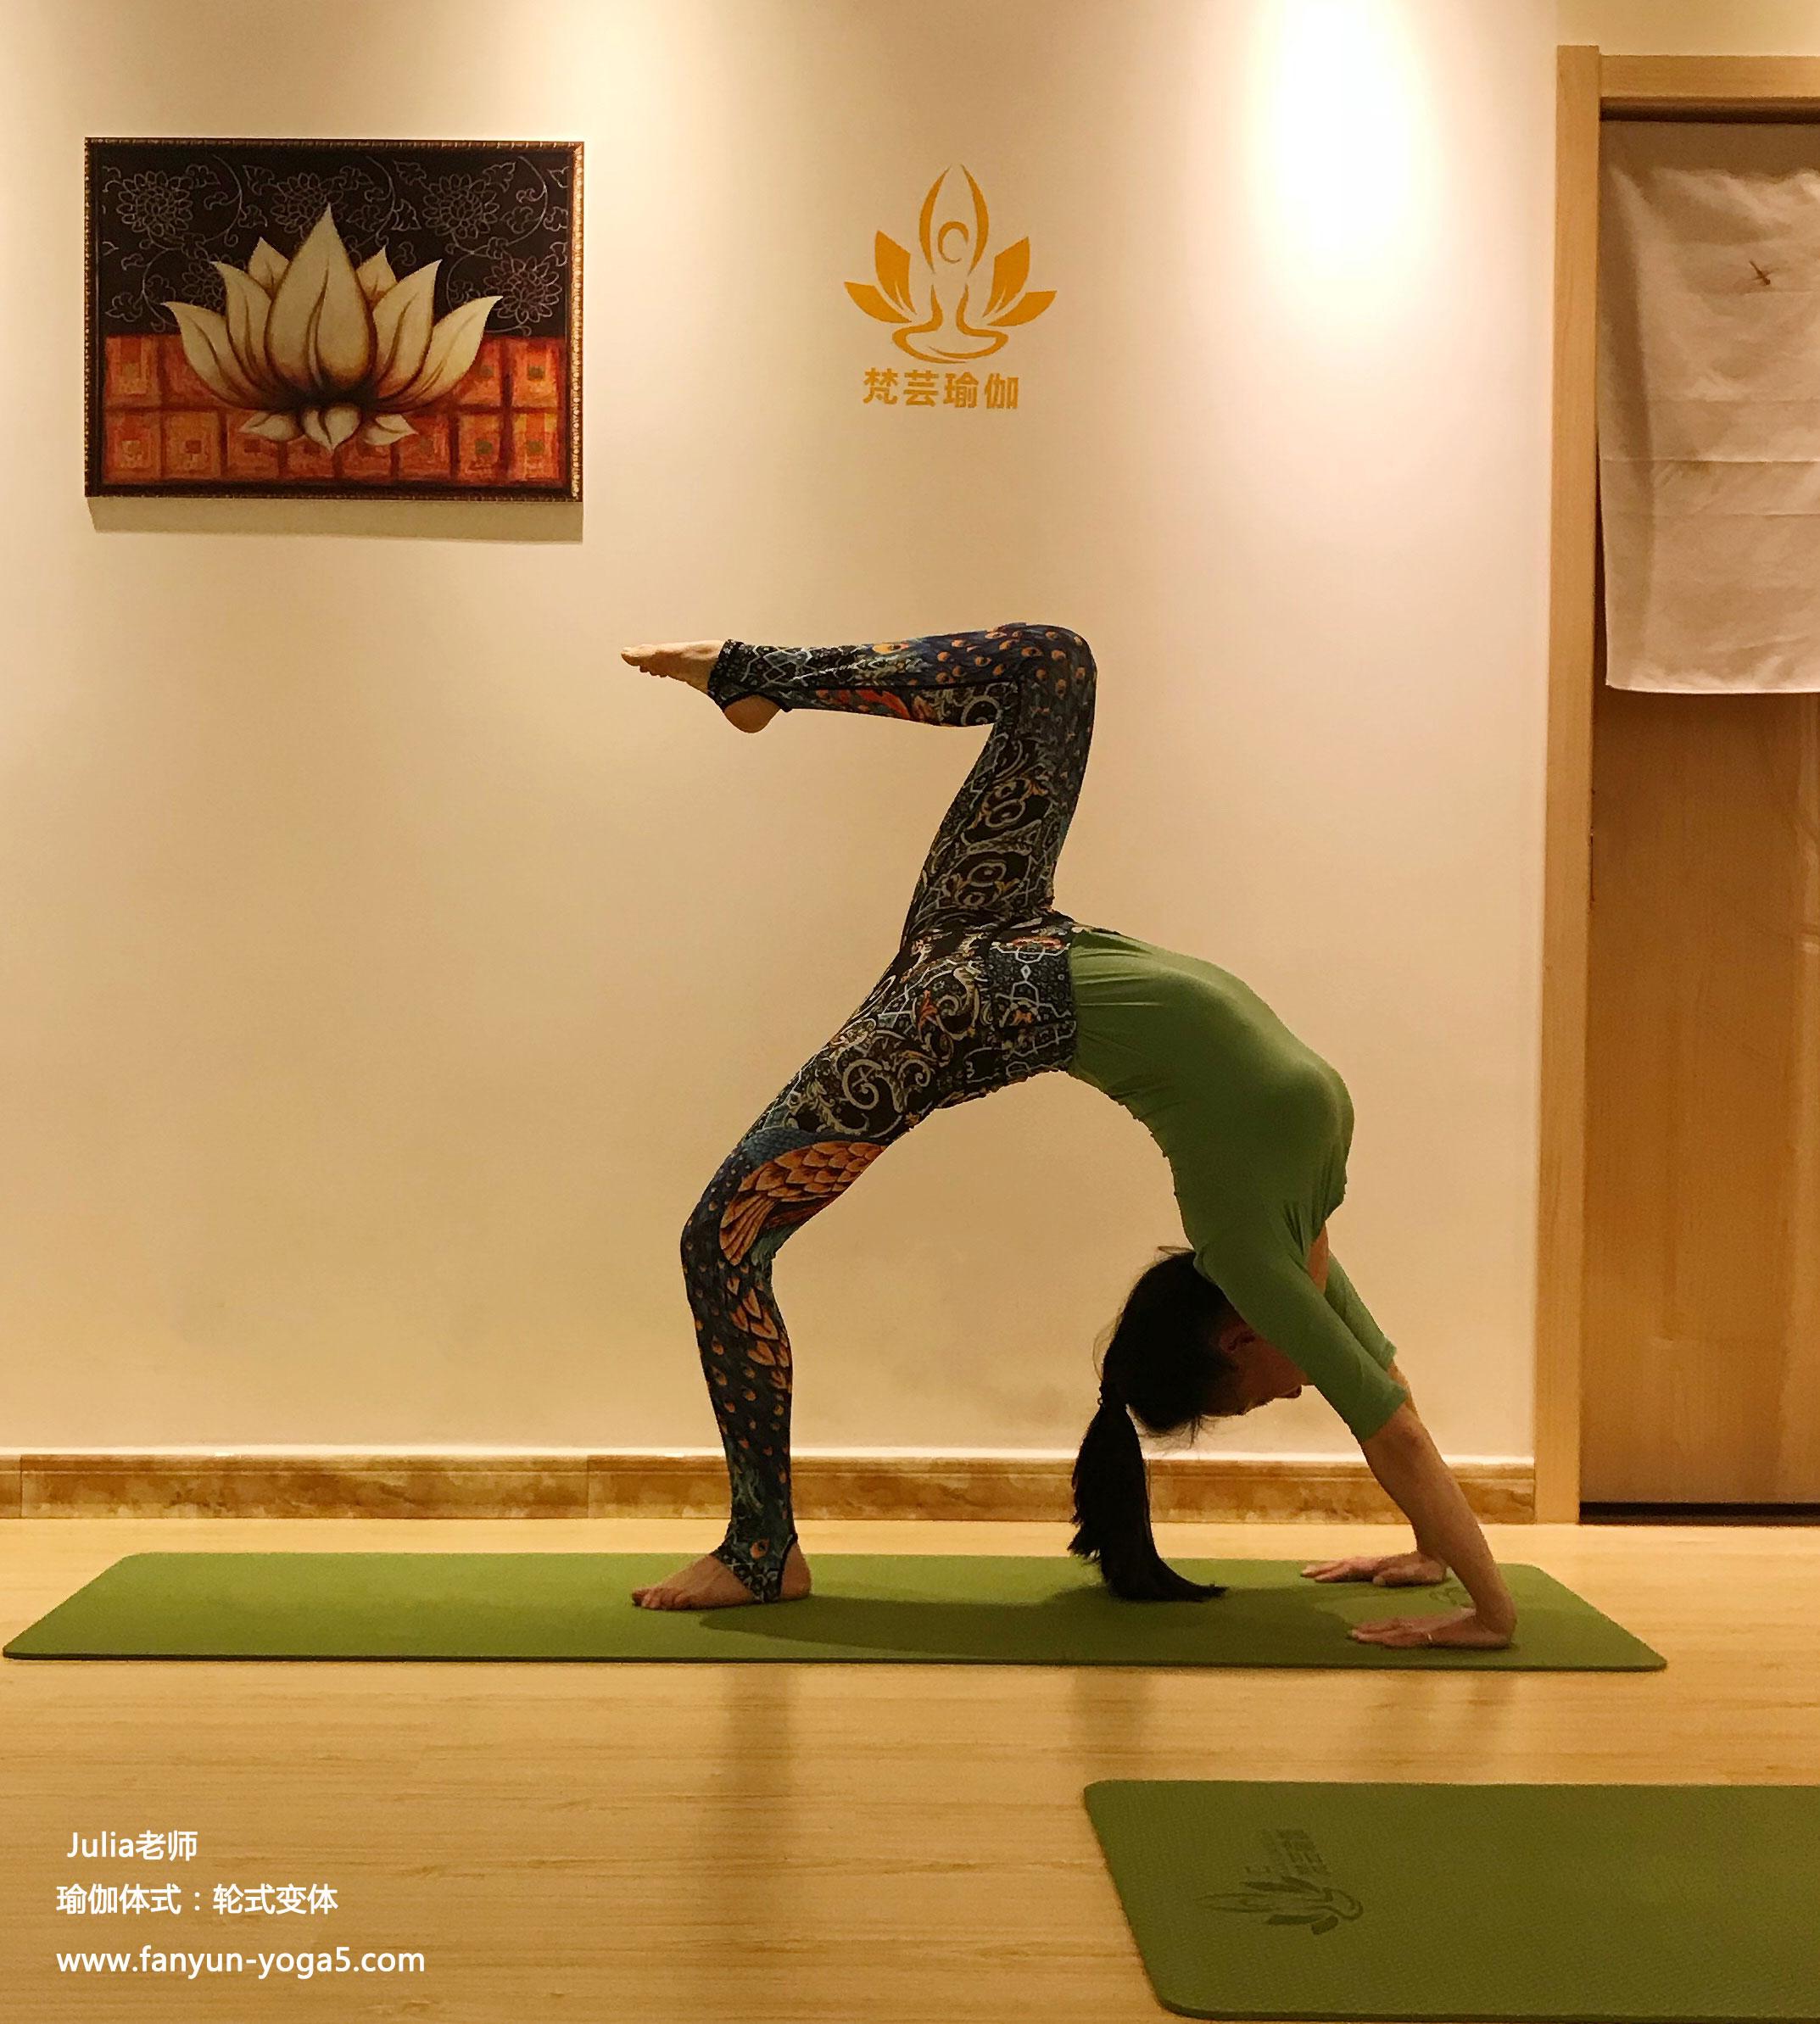 资深瑜伽老师Julia